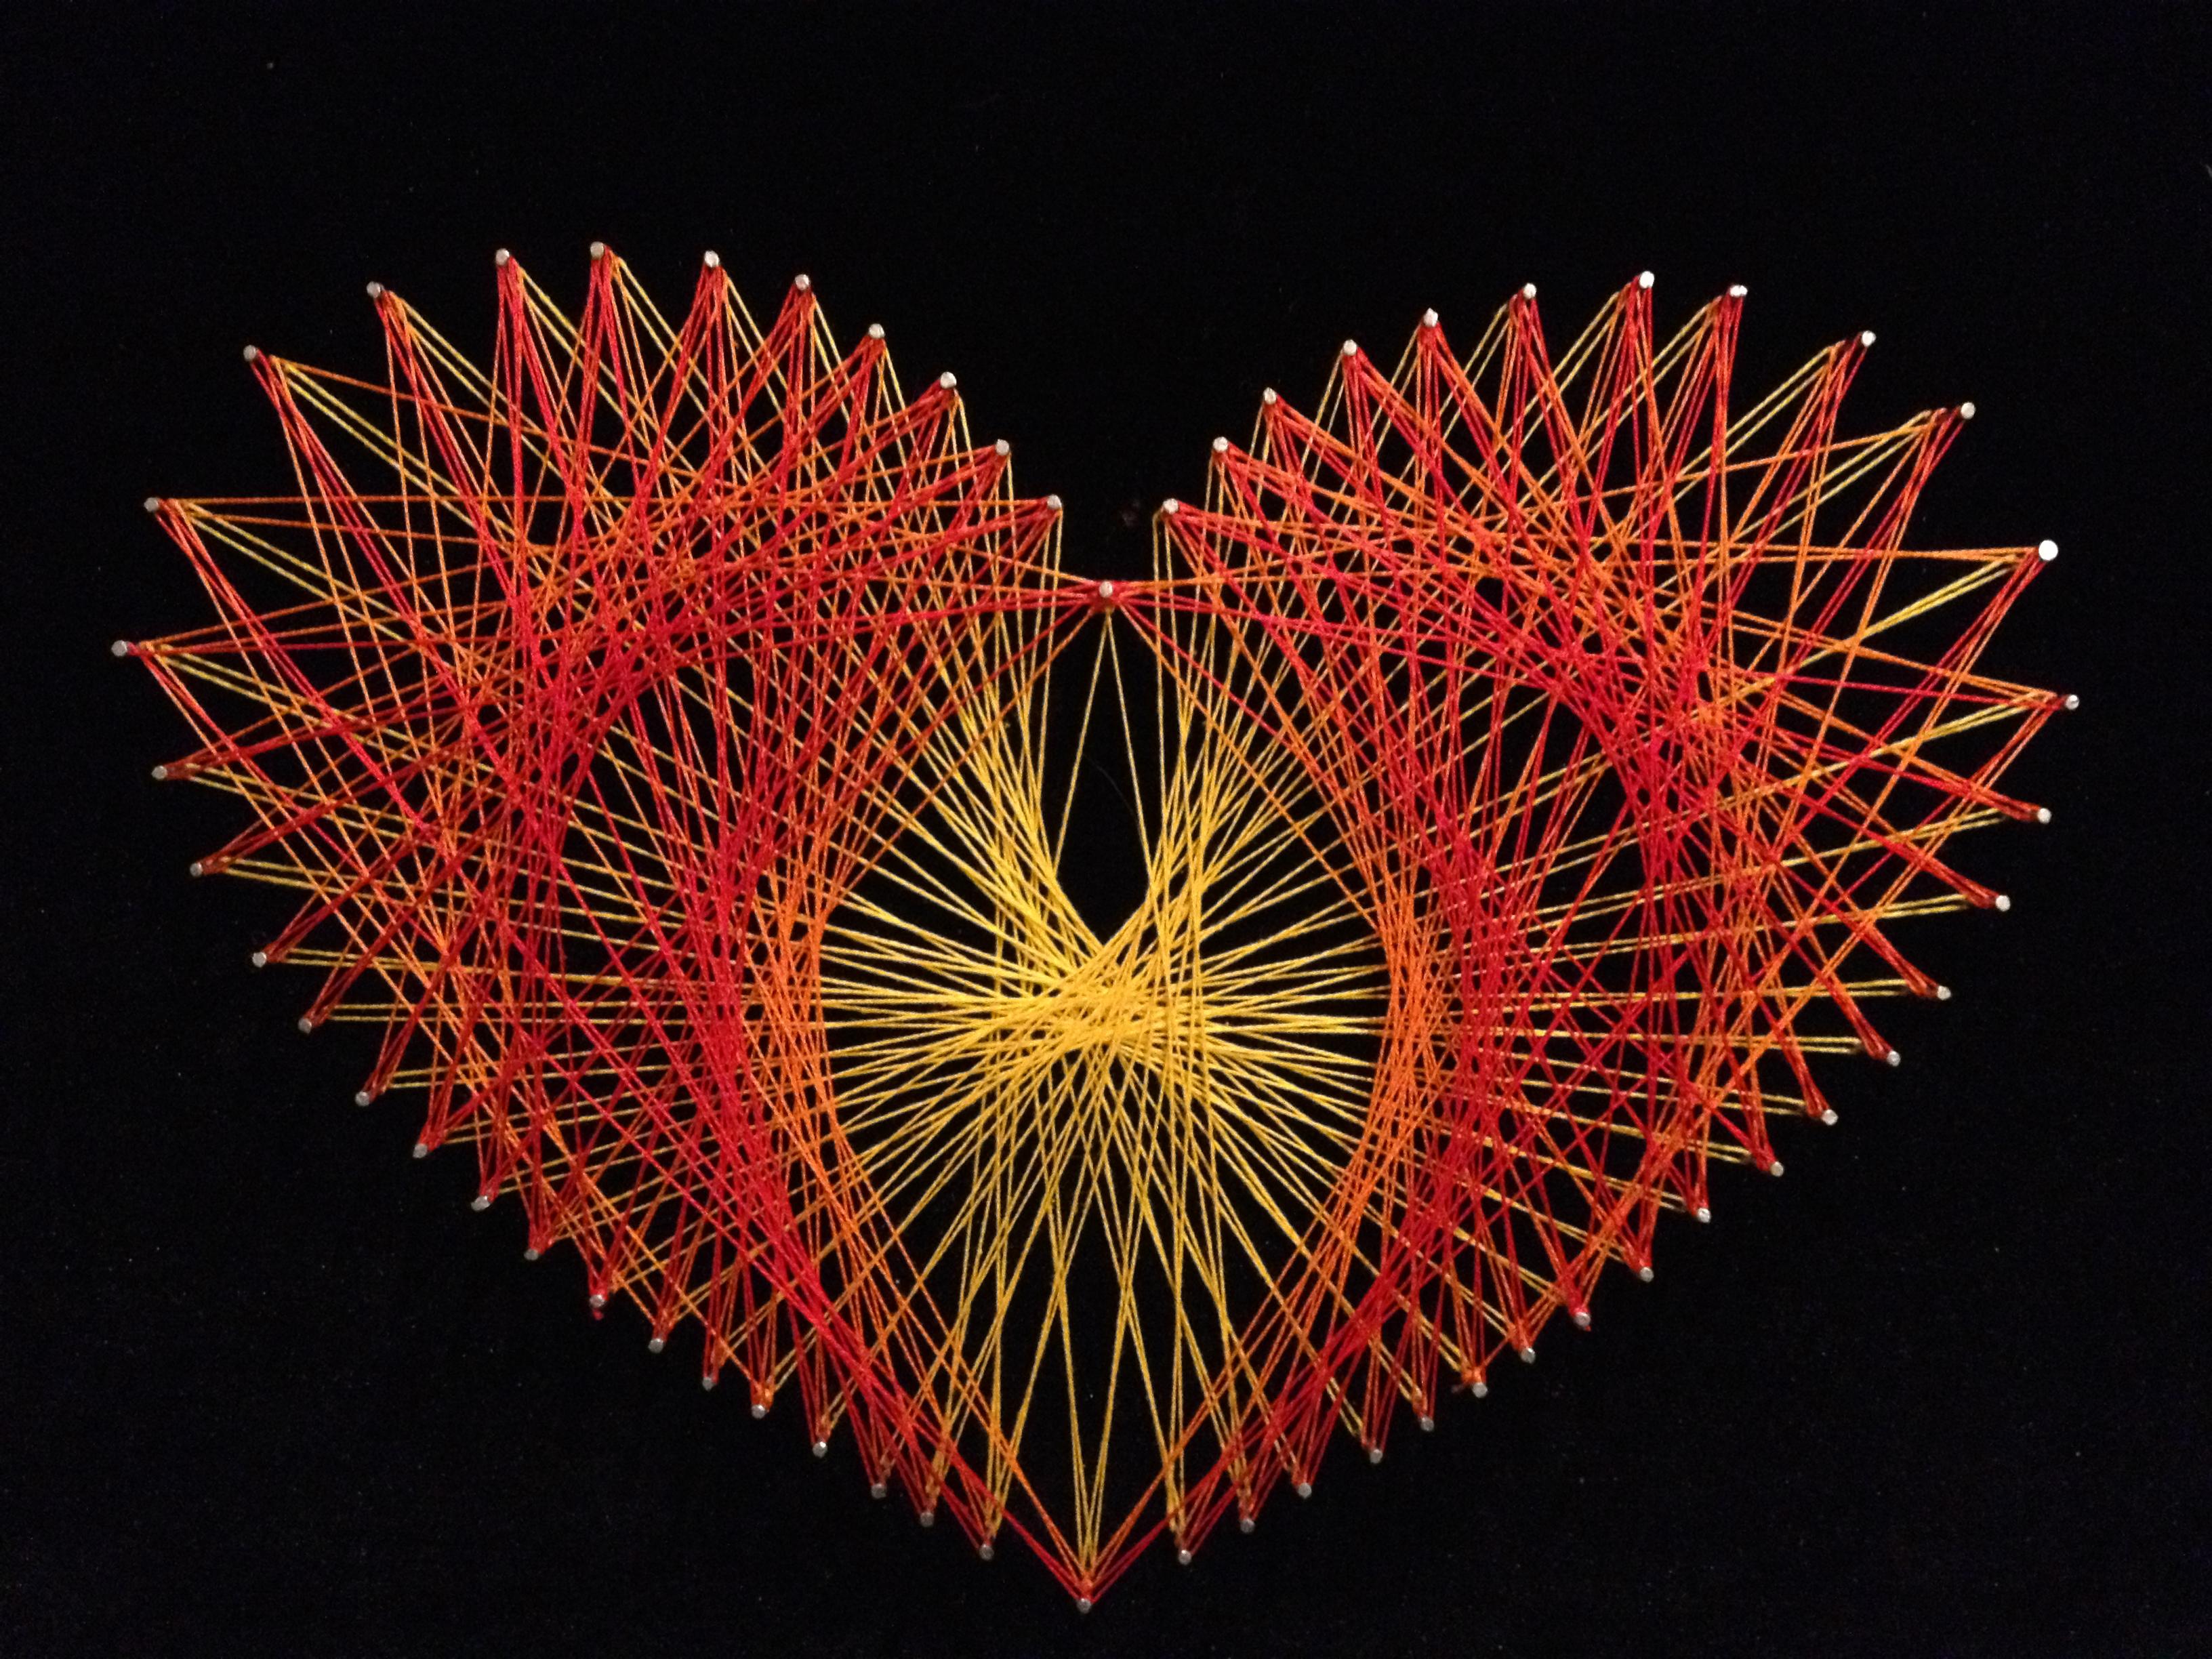 String Art Heart (2013) by Dar Tarrasch, Tel Aviv, Israel